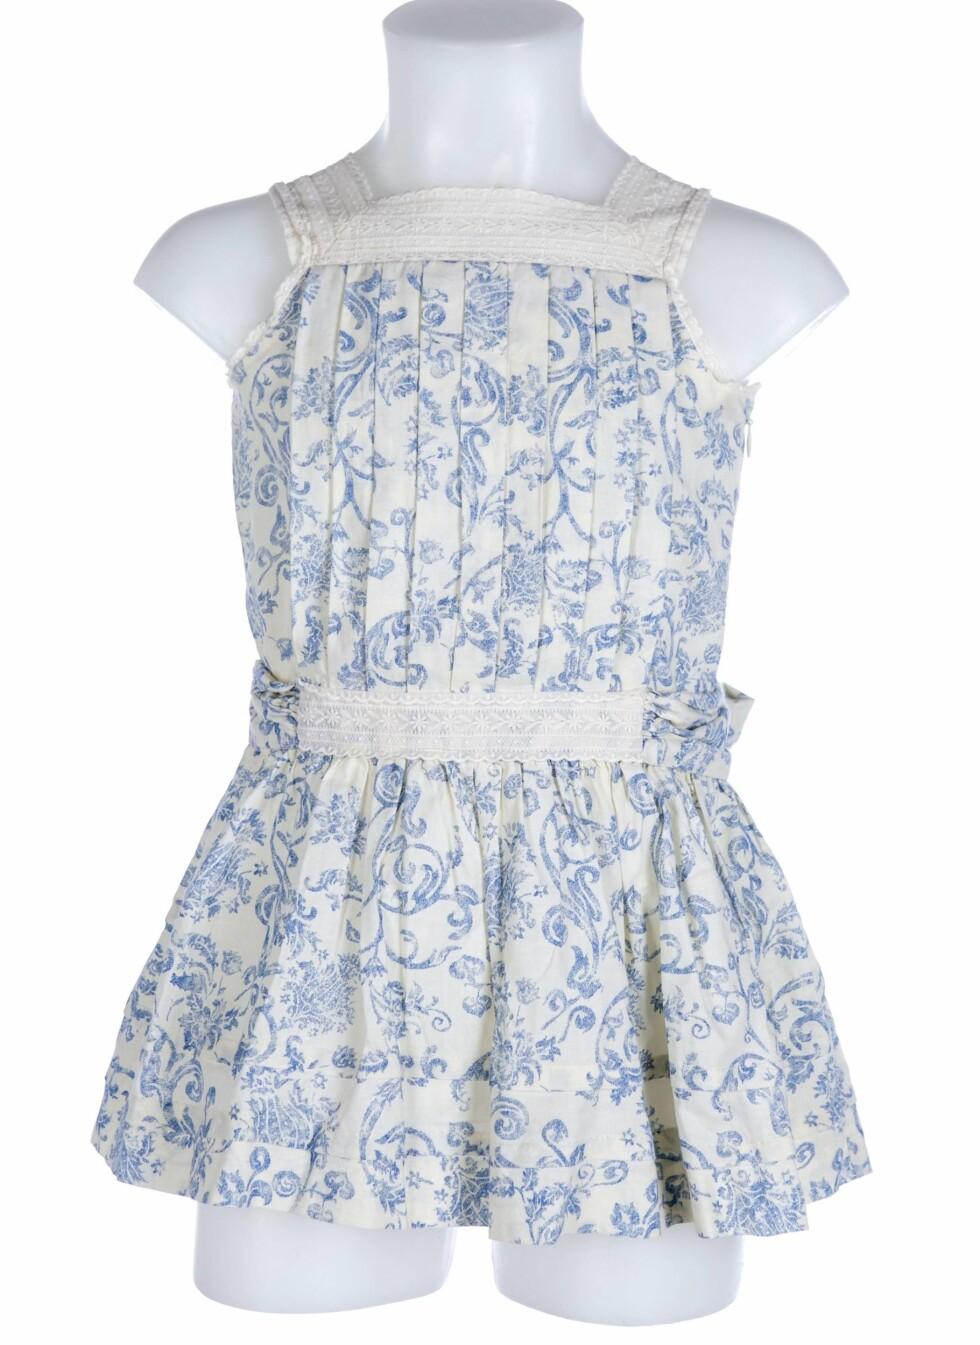 En blå og hvit sommerkjole med blonder fra Gocco, størrelse 3 år.